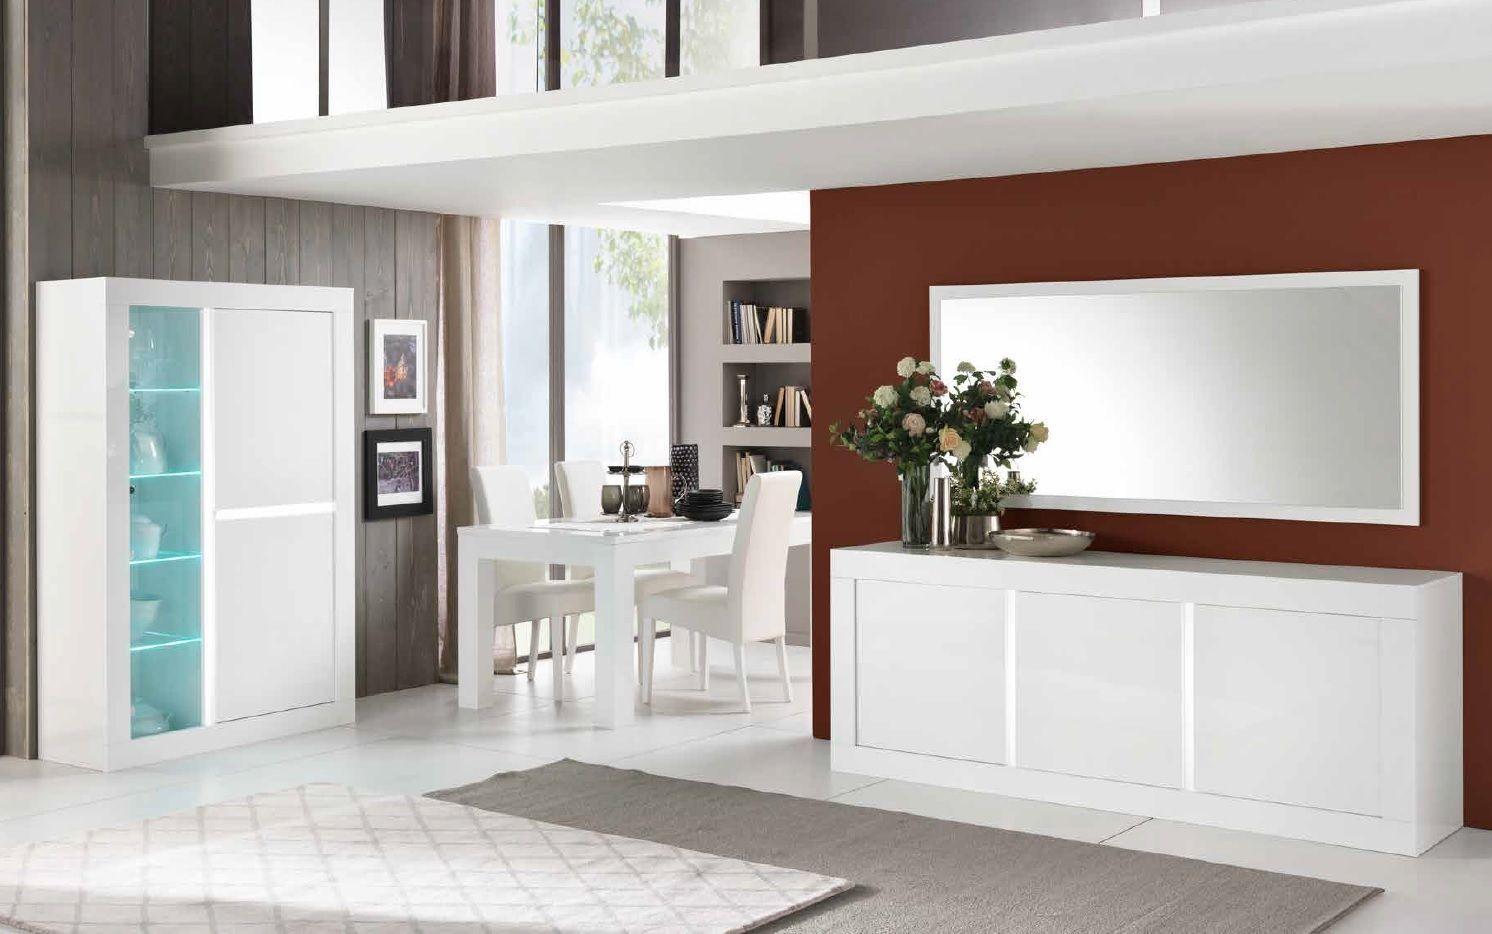 Spiegel cm in holz designermöbel mod s möbel